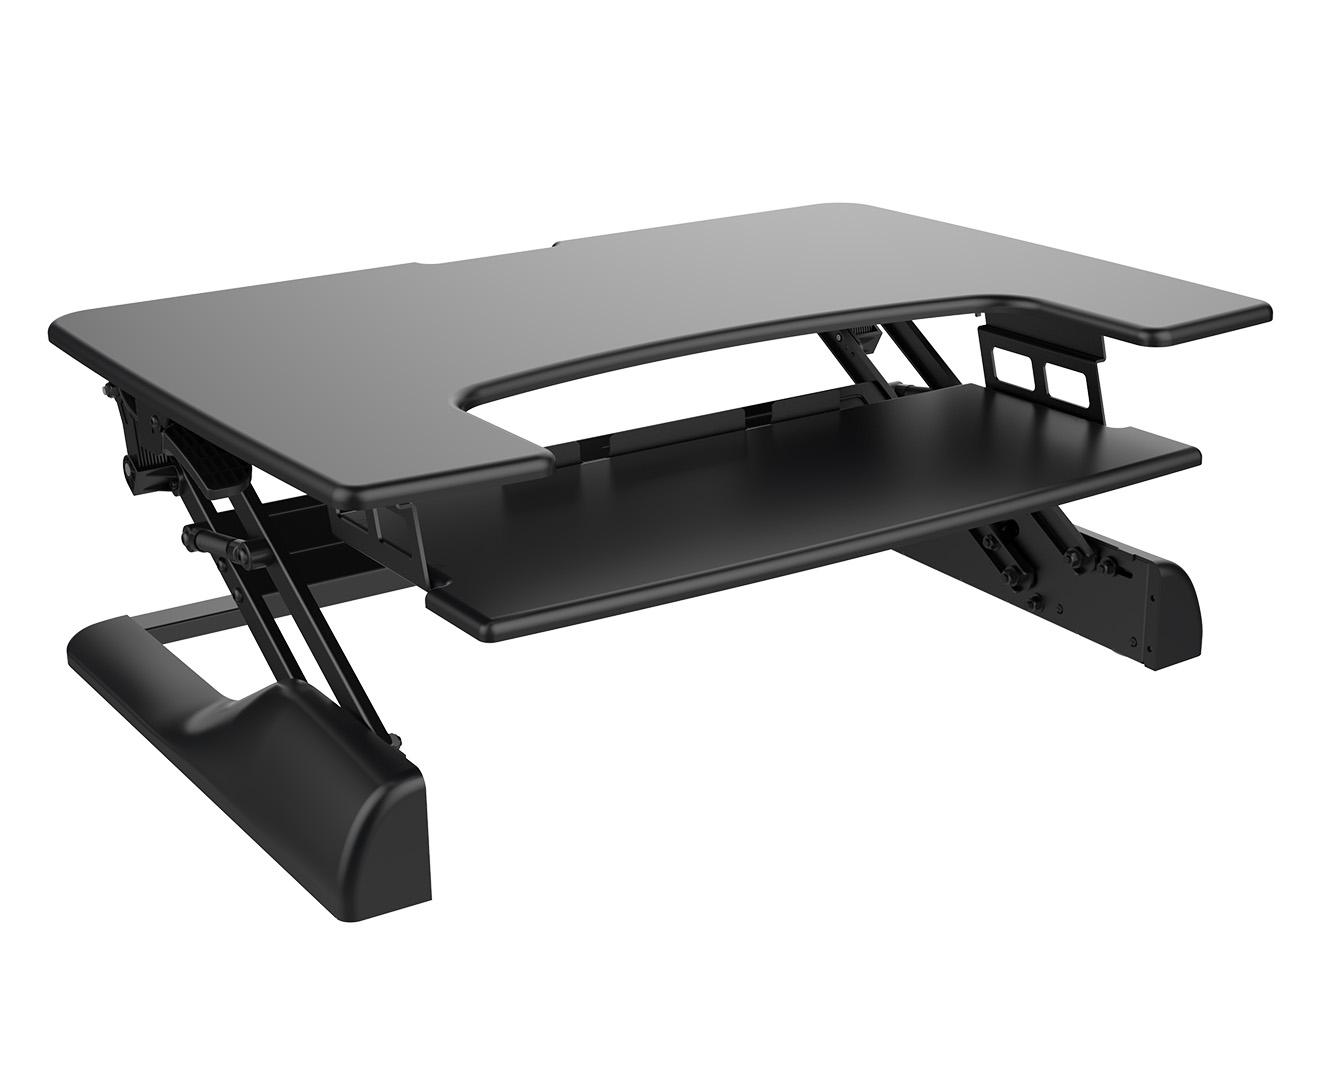 Scoopon Shopping Bratek Height Adjustable Standing Desk